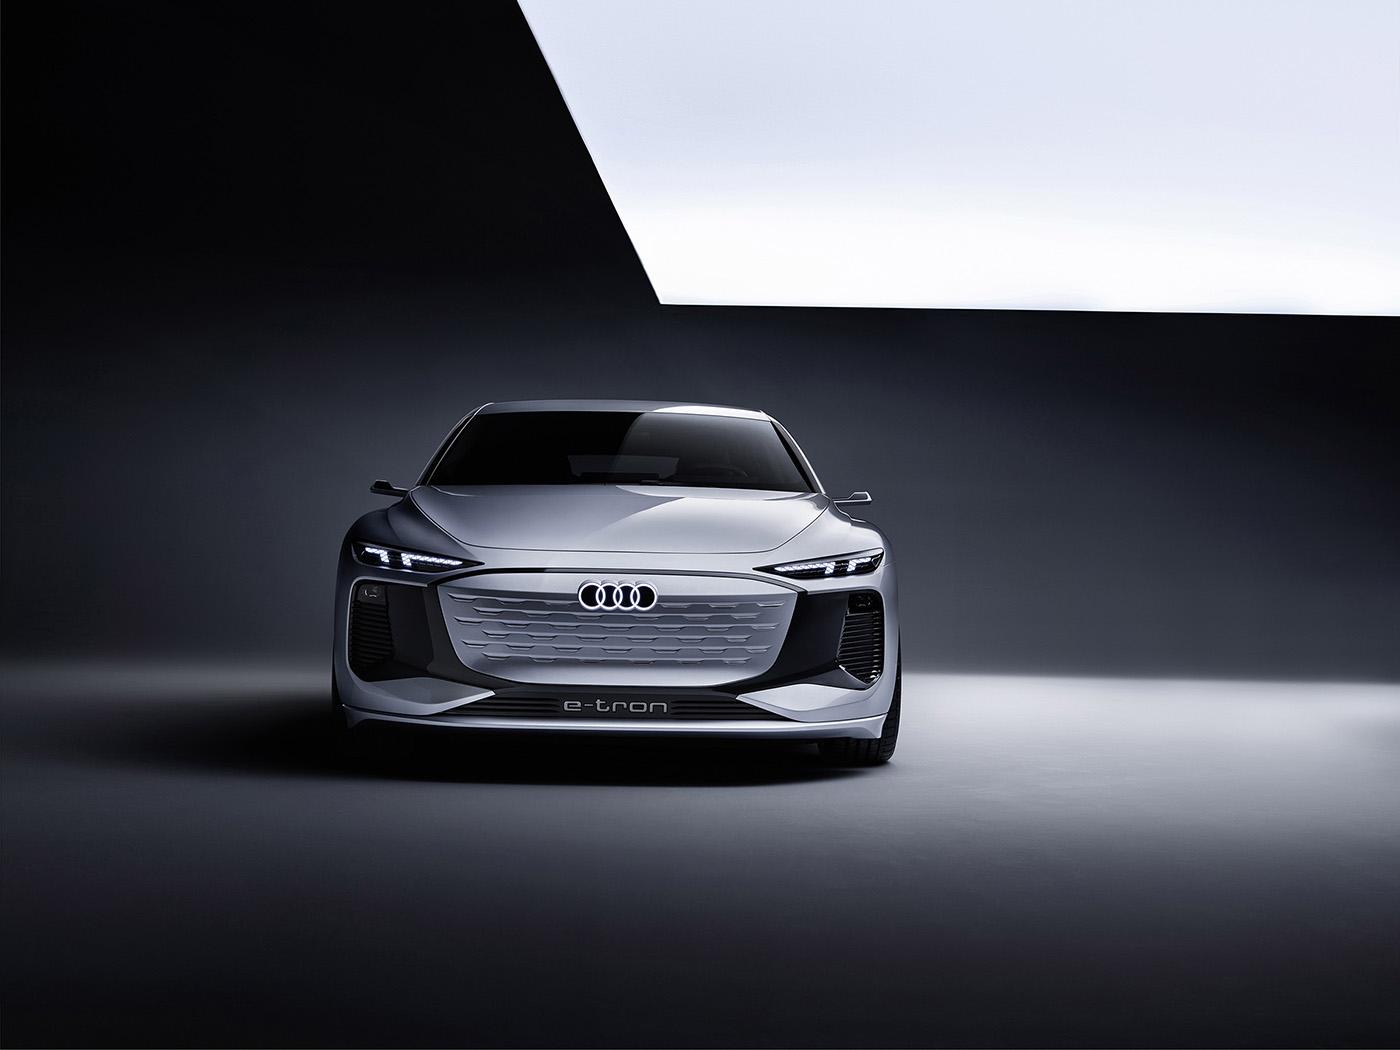 Audi A6 Tron